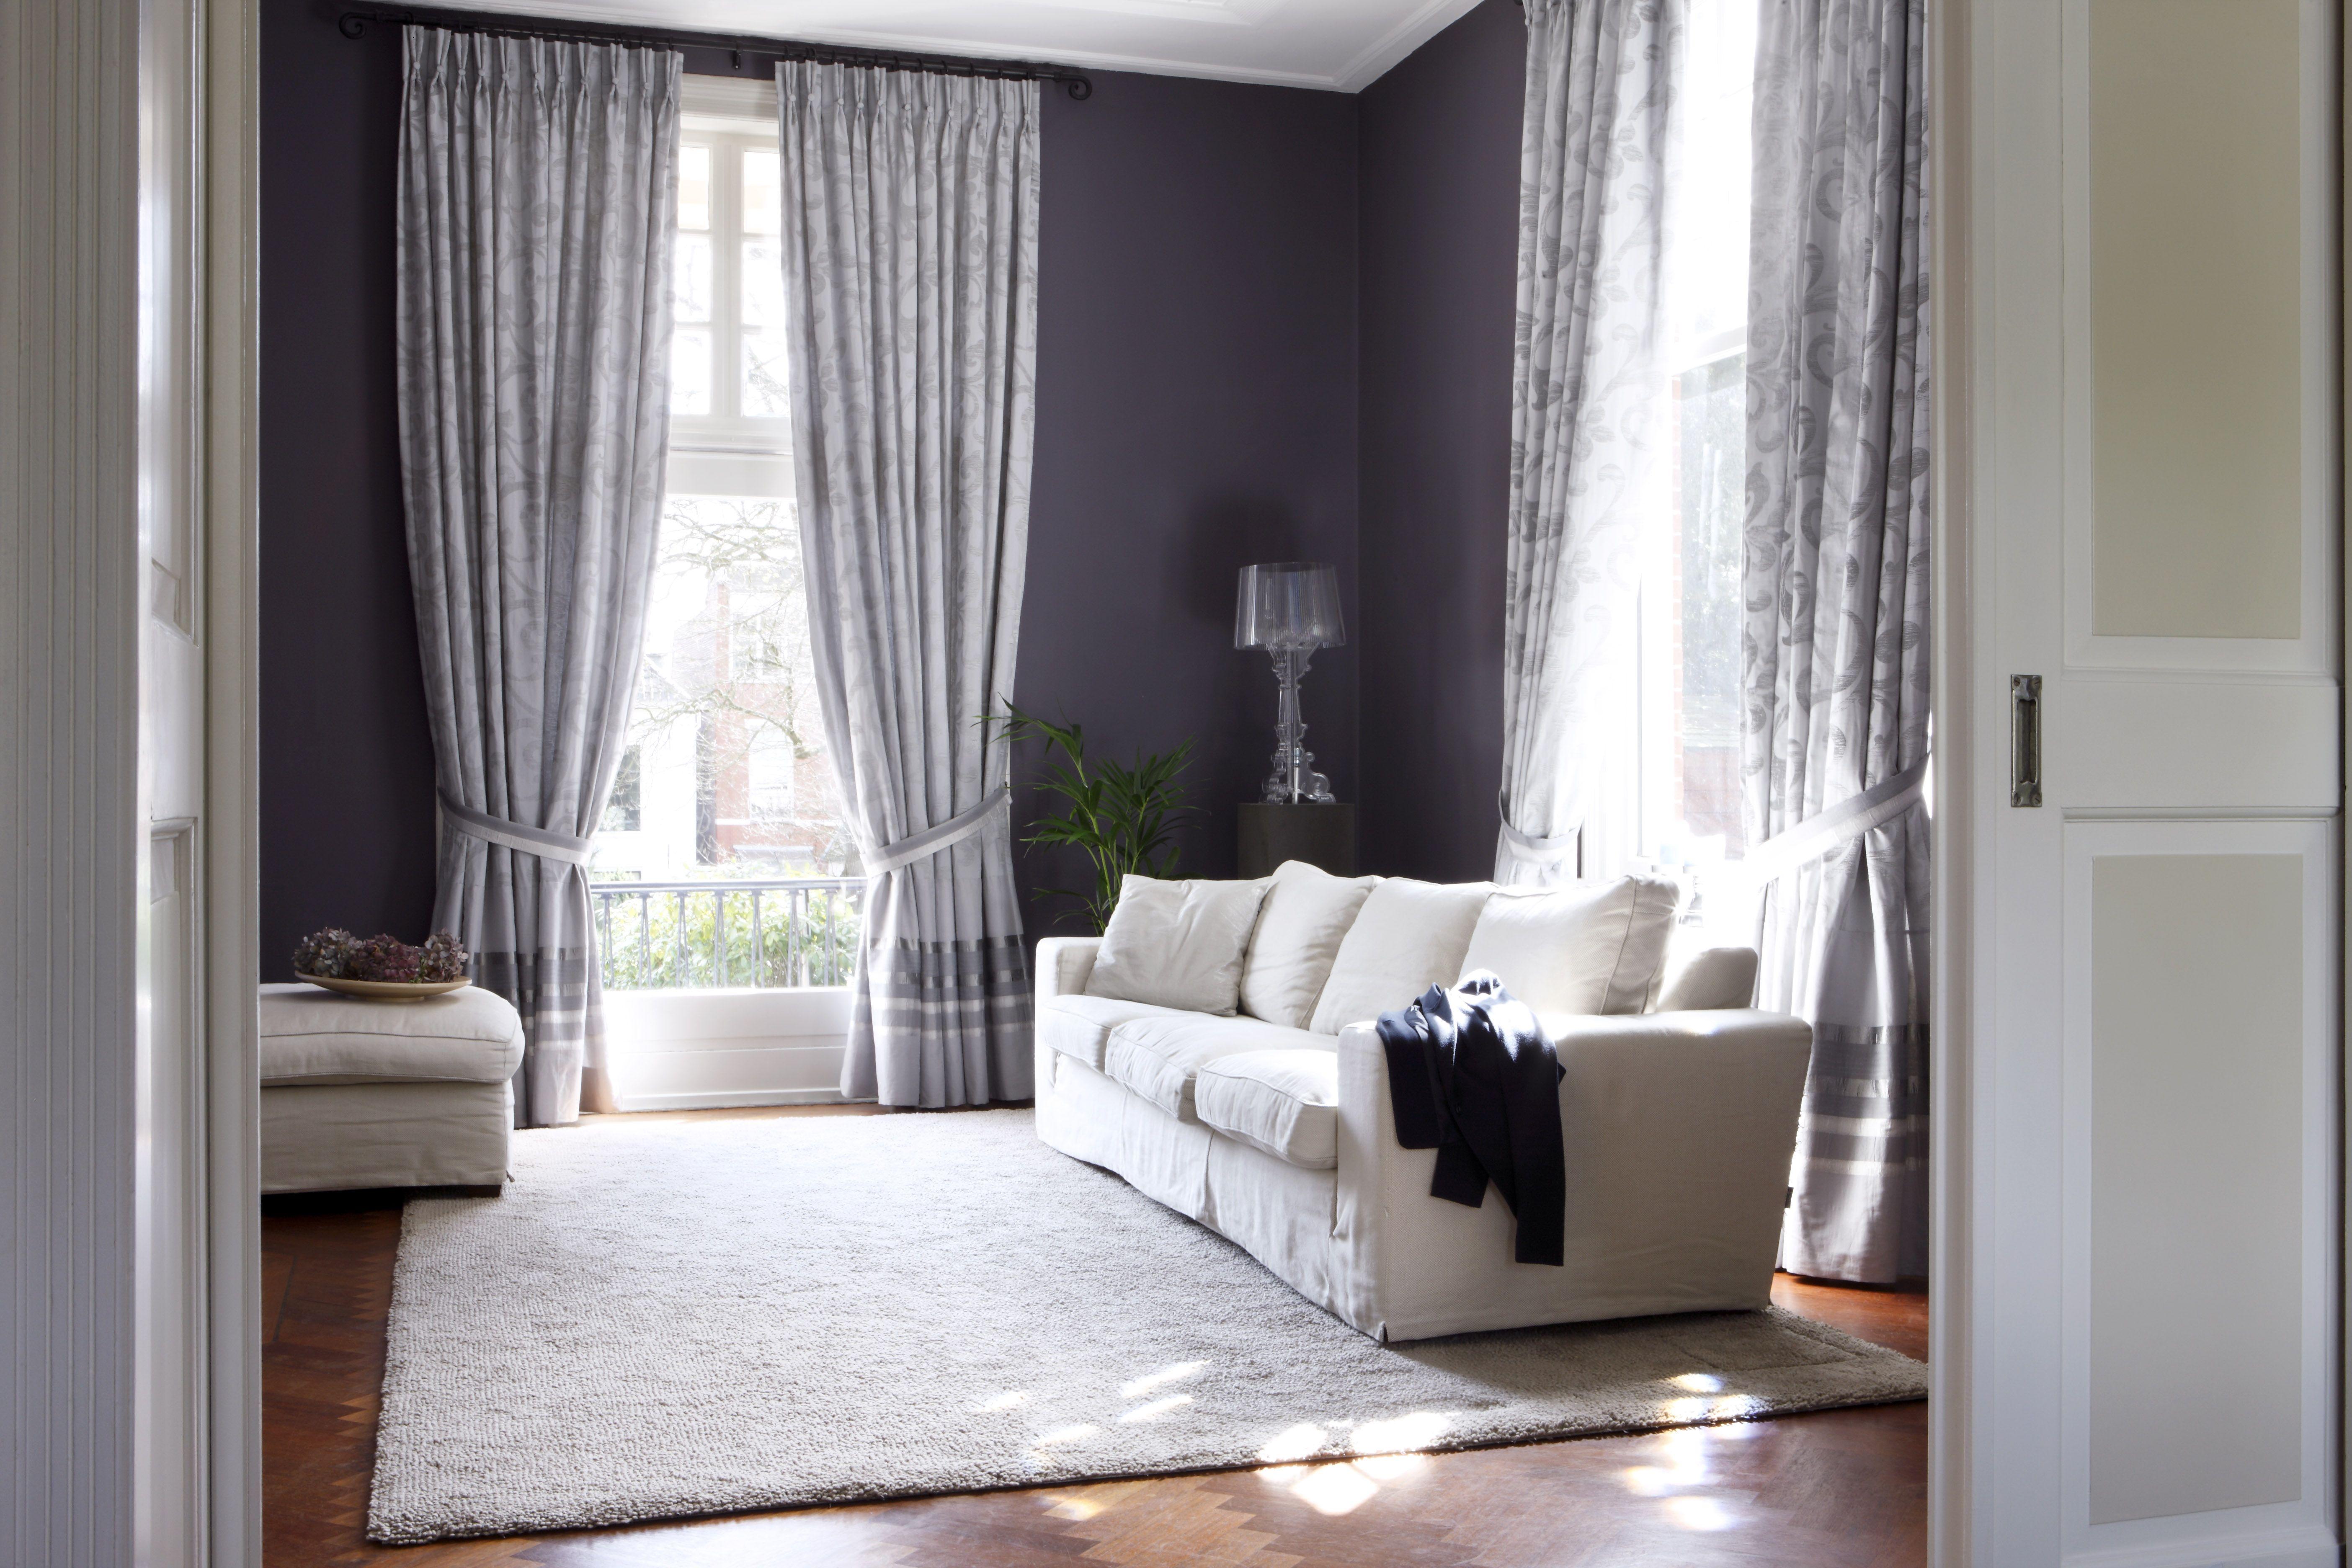 Keuken Gordijn 5 : Kleur gordijnen woonkamer